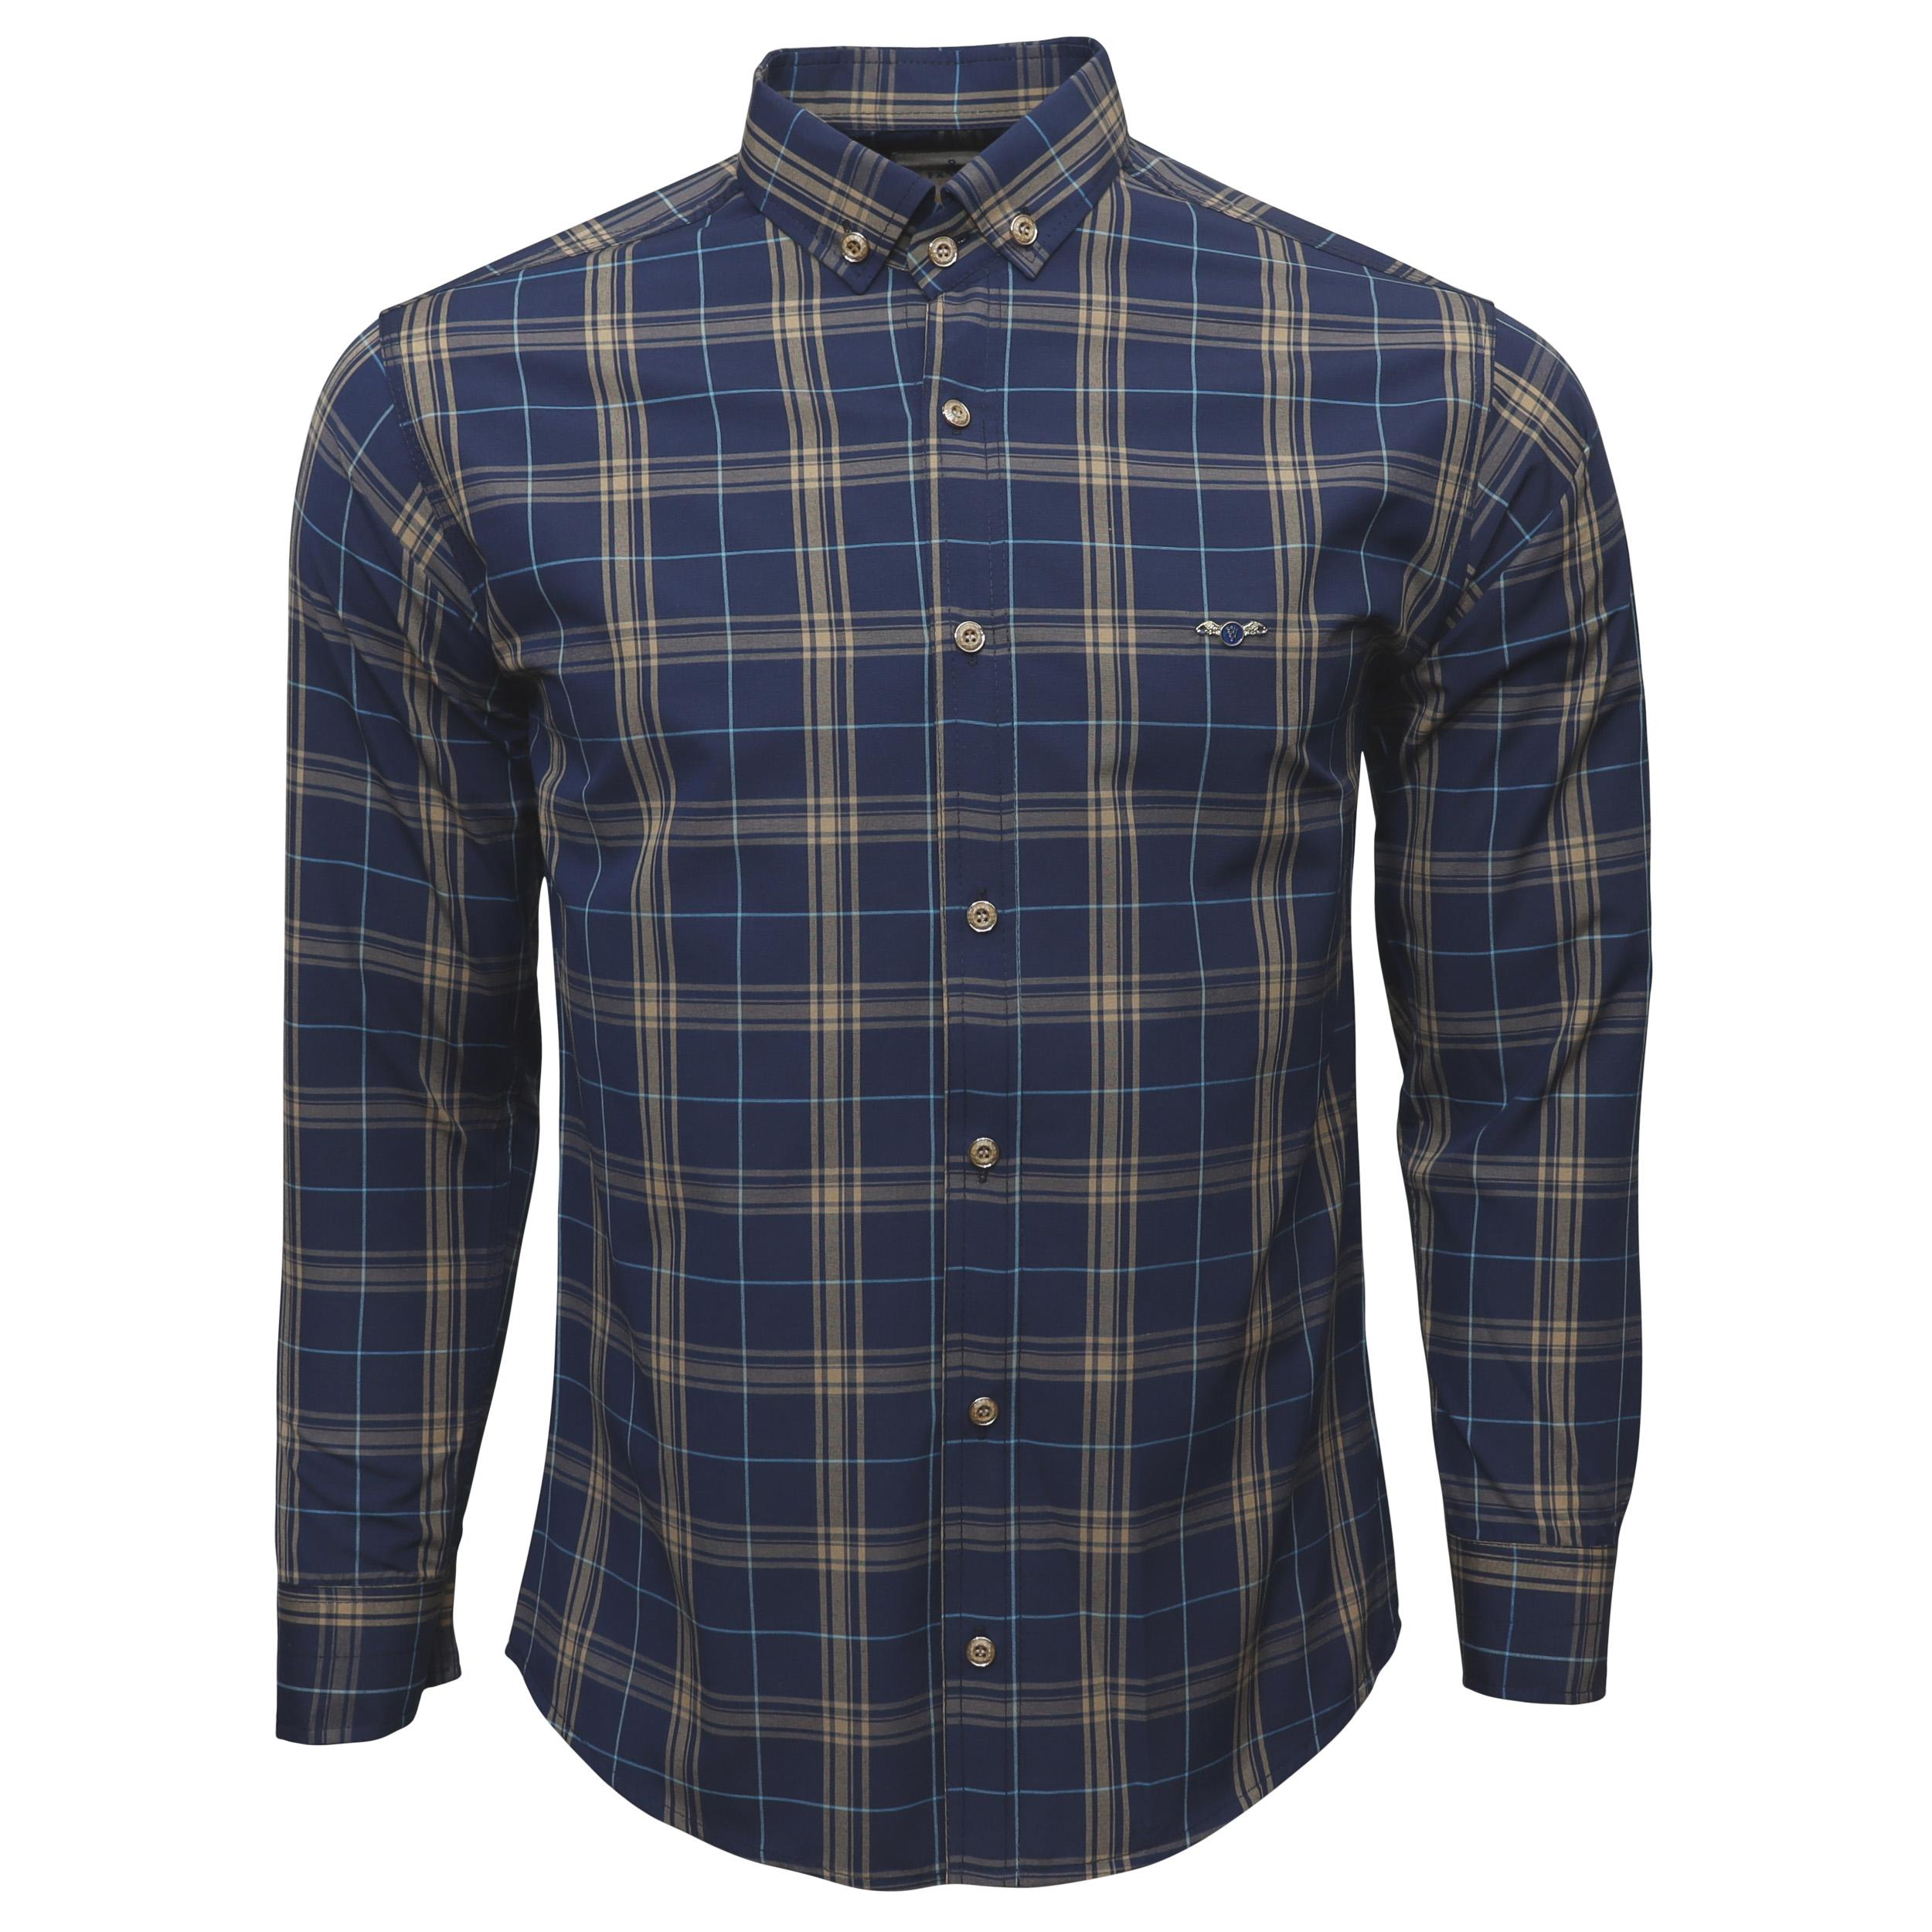 پیراهن آستین بلند مردانه مدل ch510025